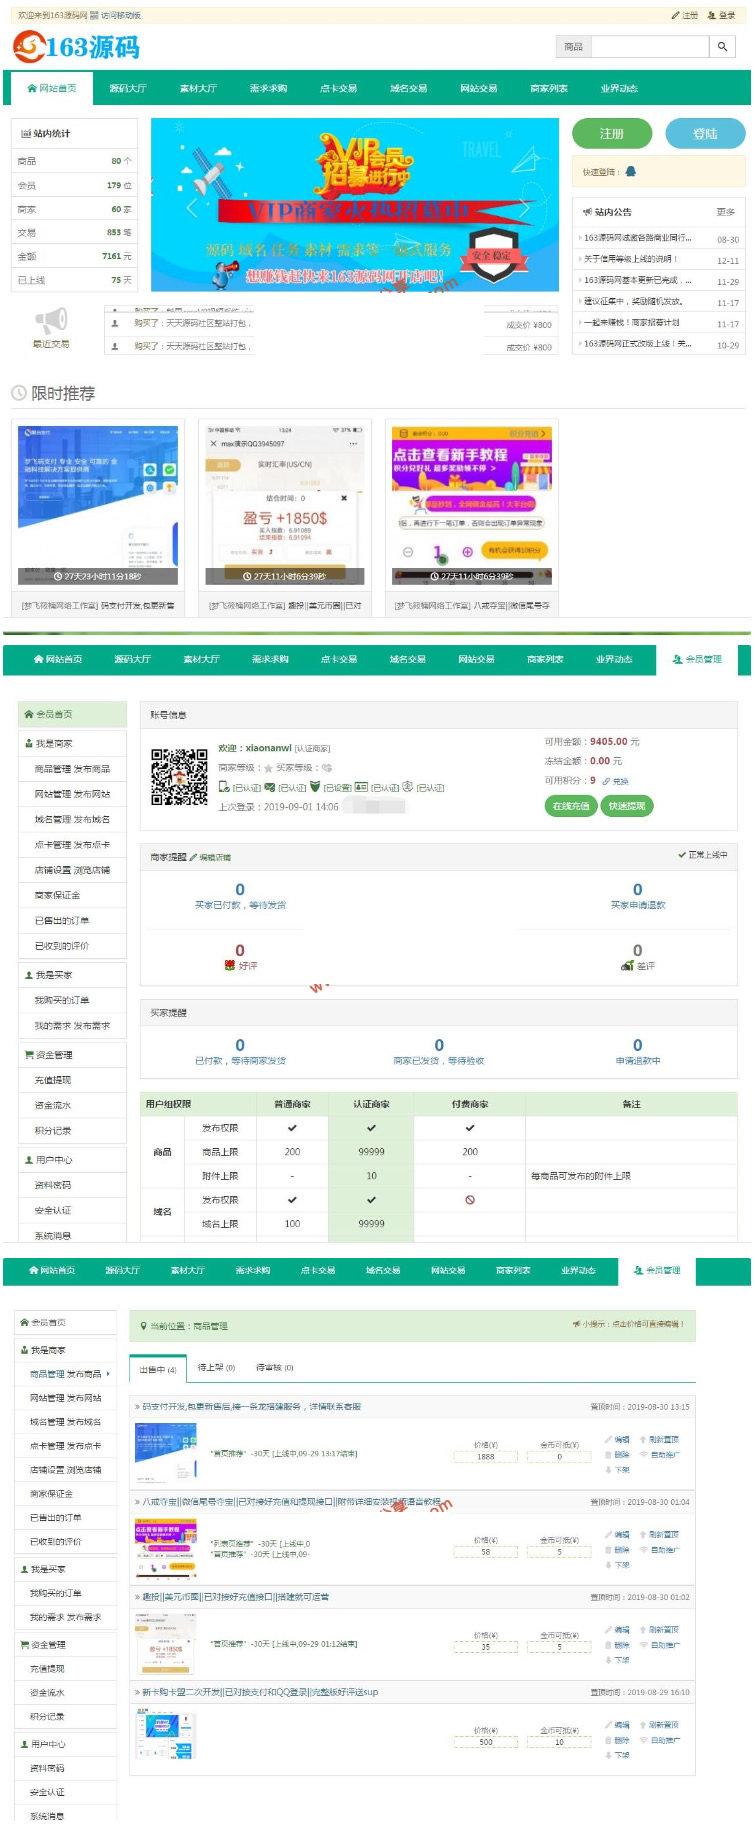 163源码网整站打包-NZ源码交易平台虚拟交易系统